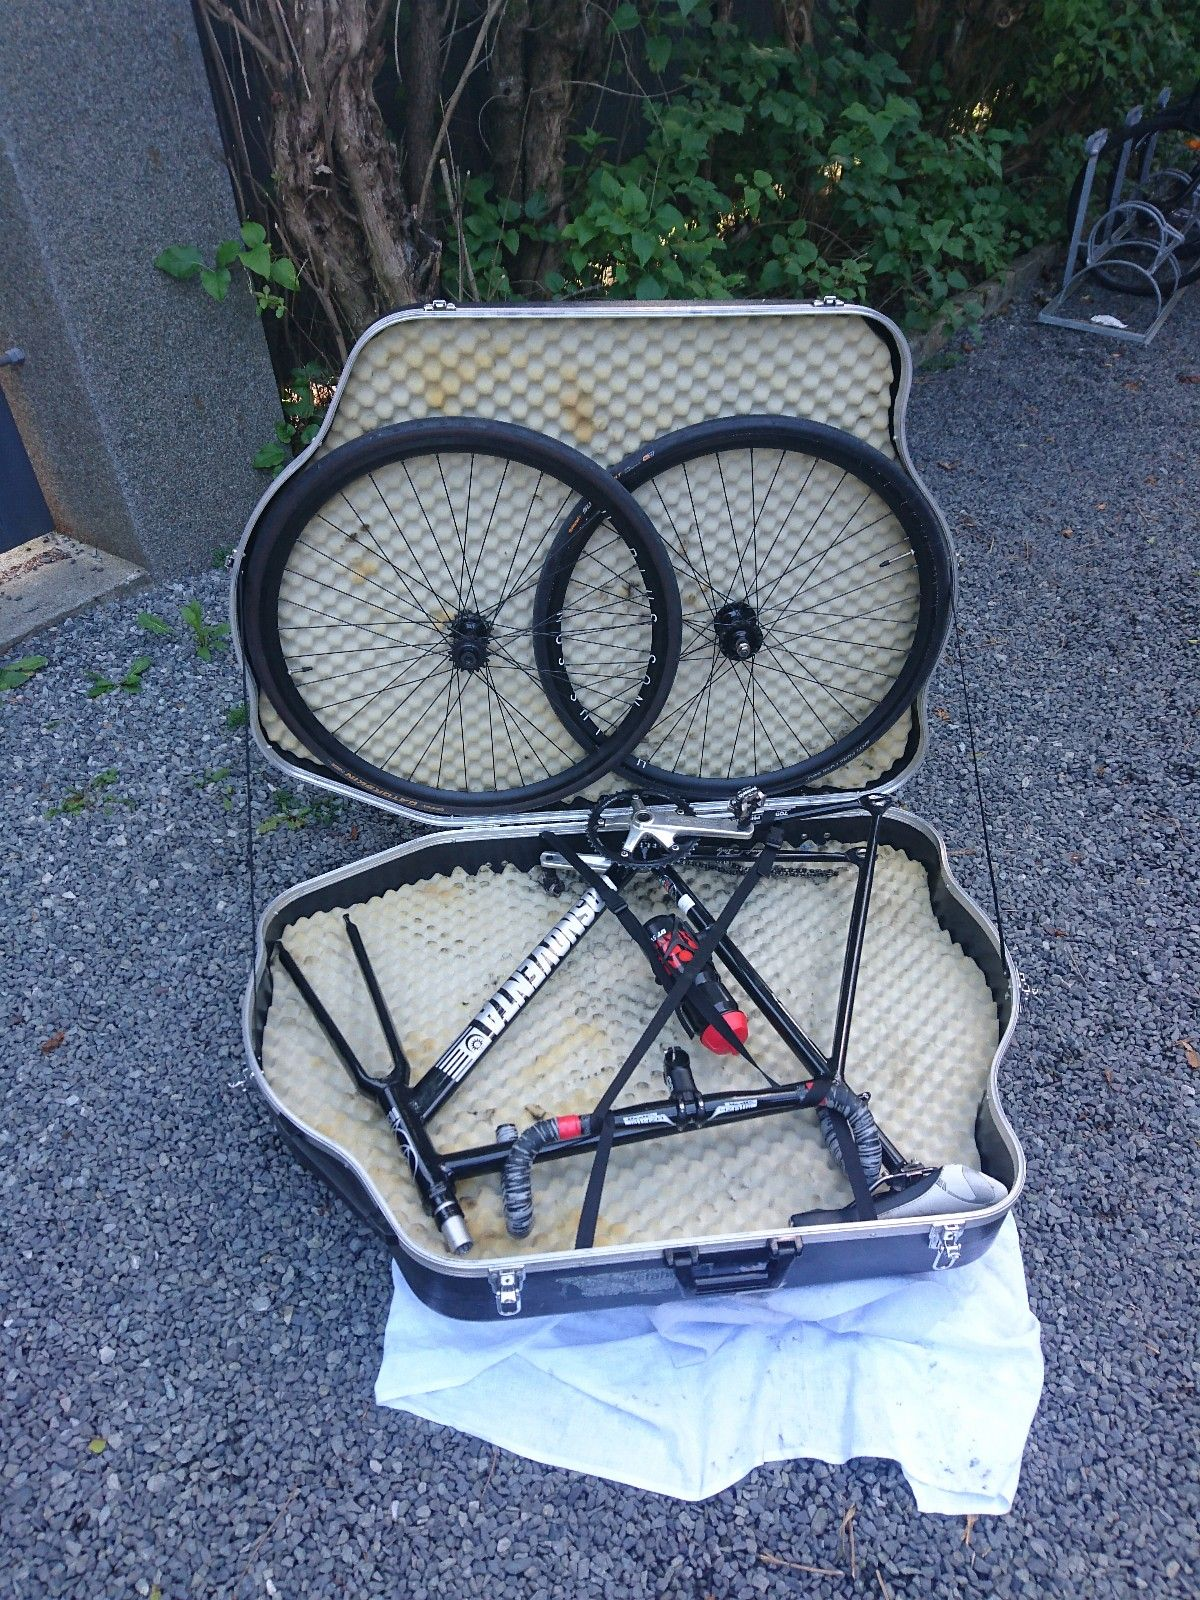 Sci-con hardcase sykkelkoffert - LEIE / RENT - Oslo  - Sci-con sykkelkoffert i hardplast og med separert rom med hjulsett.  Jeg har reist med denne flere ganger, uten problemer.  Kommer med skumbeskyttelse for ramme og stropper for å holde ramme på plass. Passer mtb-, landevei-, c - Oslo